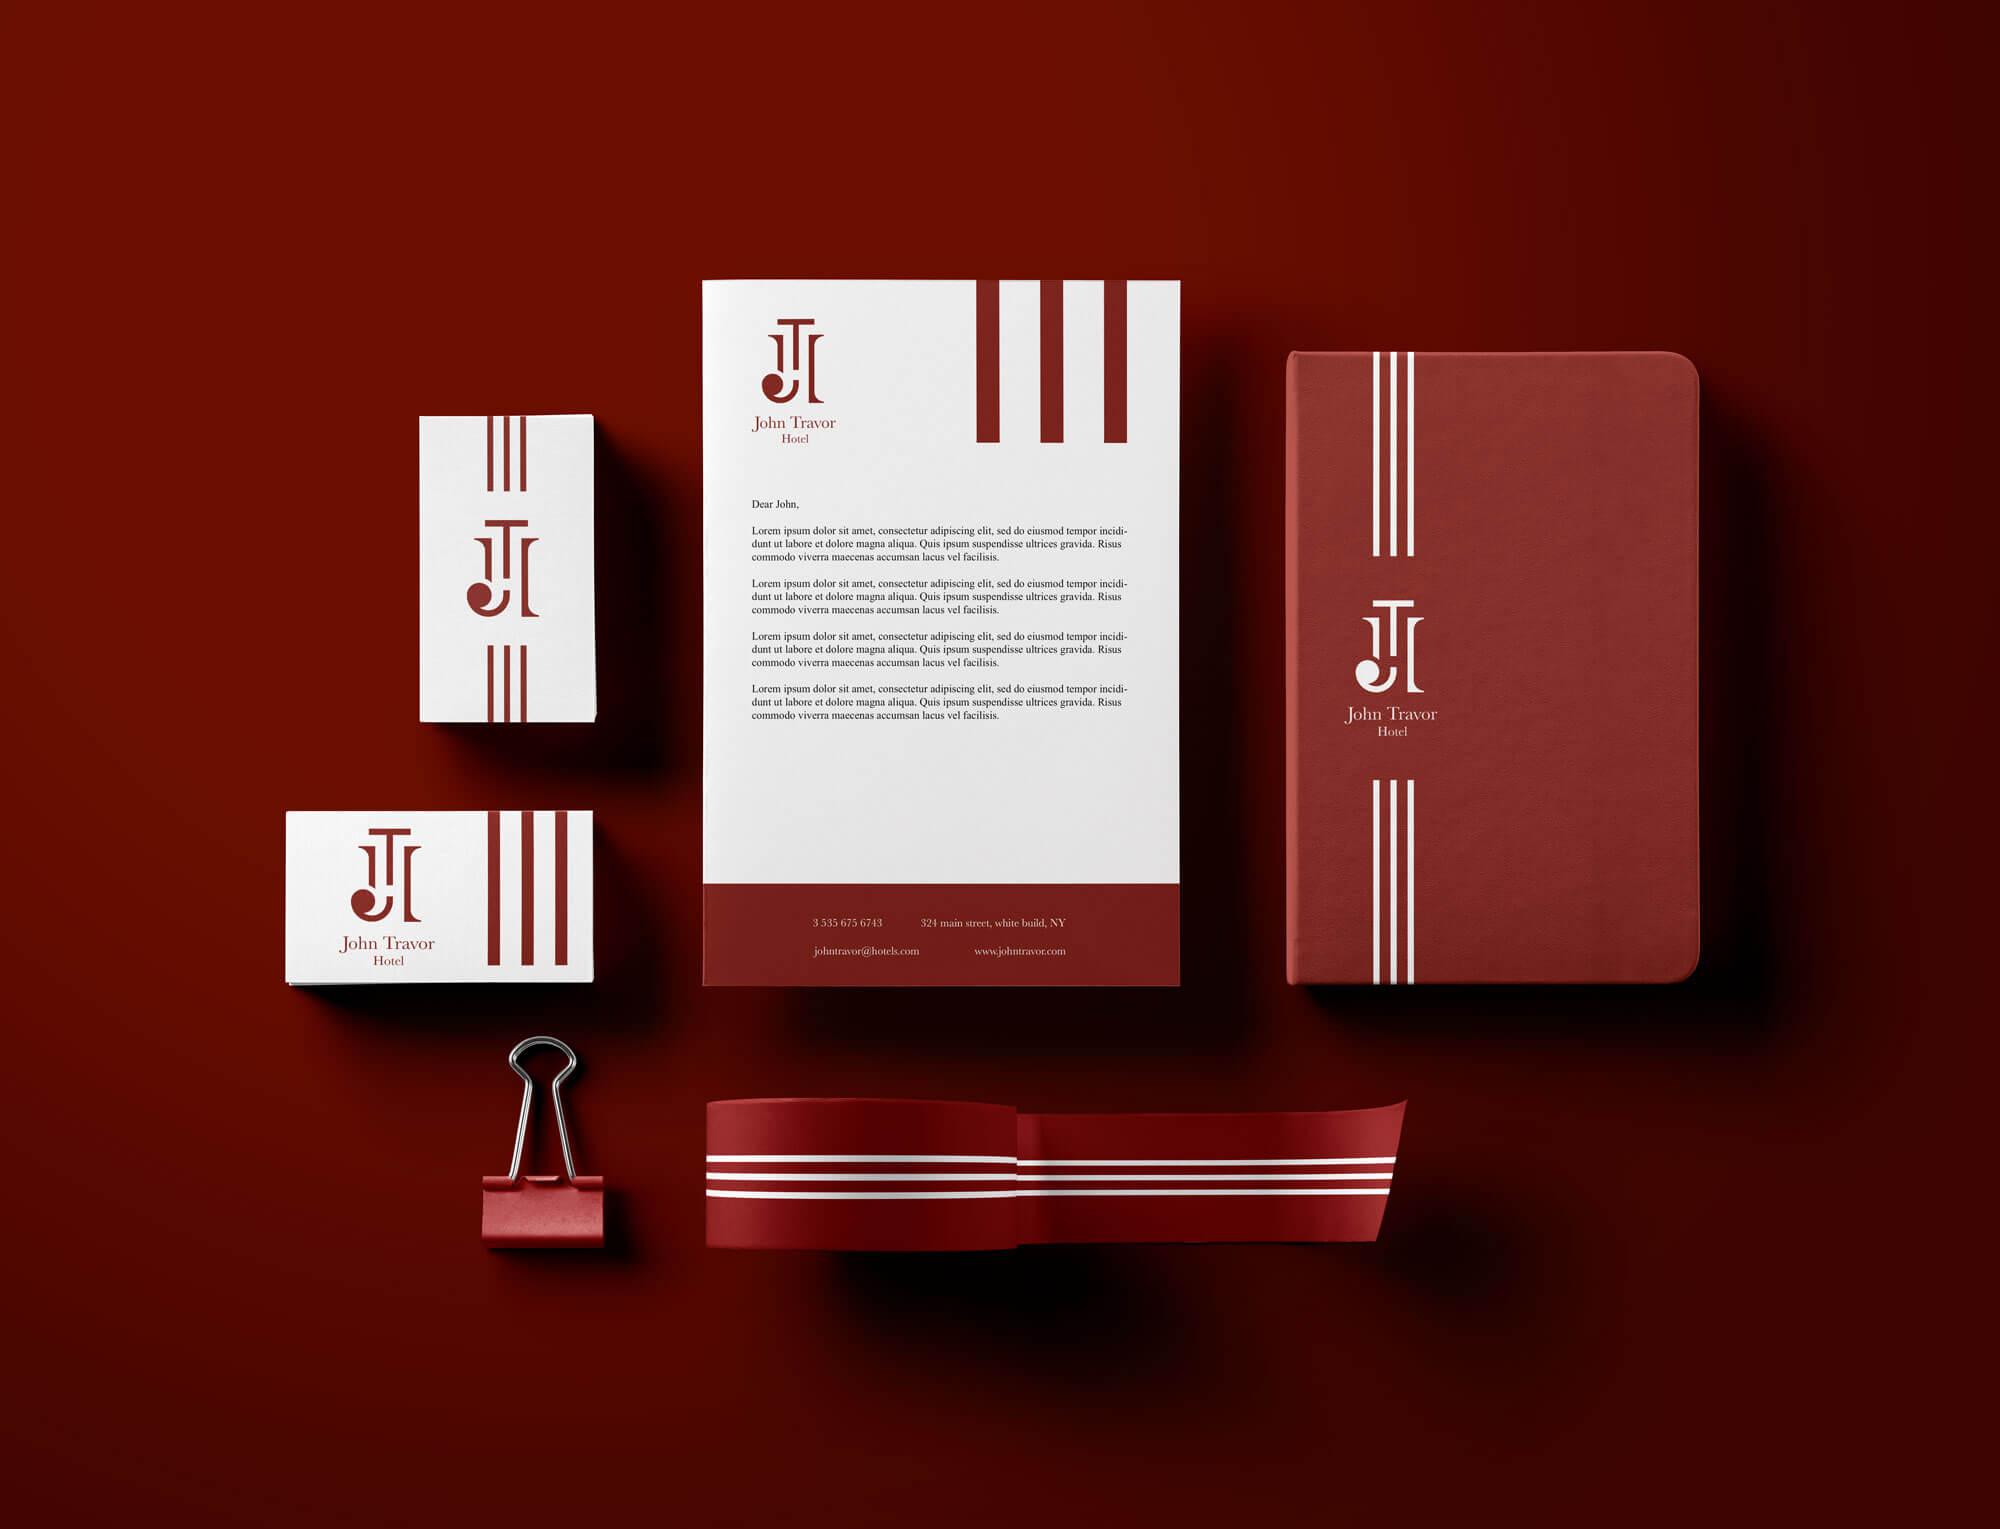 logo e brand identity design di john travor hotel su barta intestata e biglietti da visita di colore bianco e su agenda e nastro di colore rosso. Gli oggetti sono su sfondo bordeaux